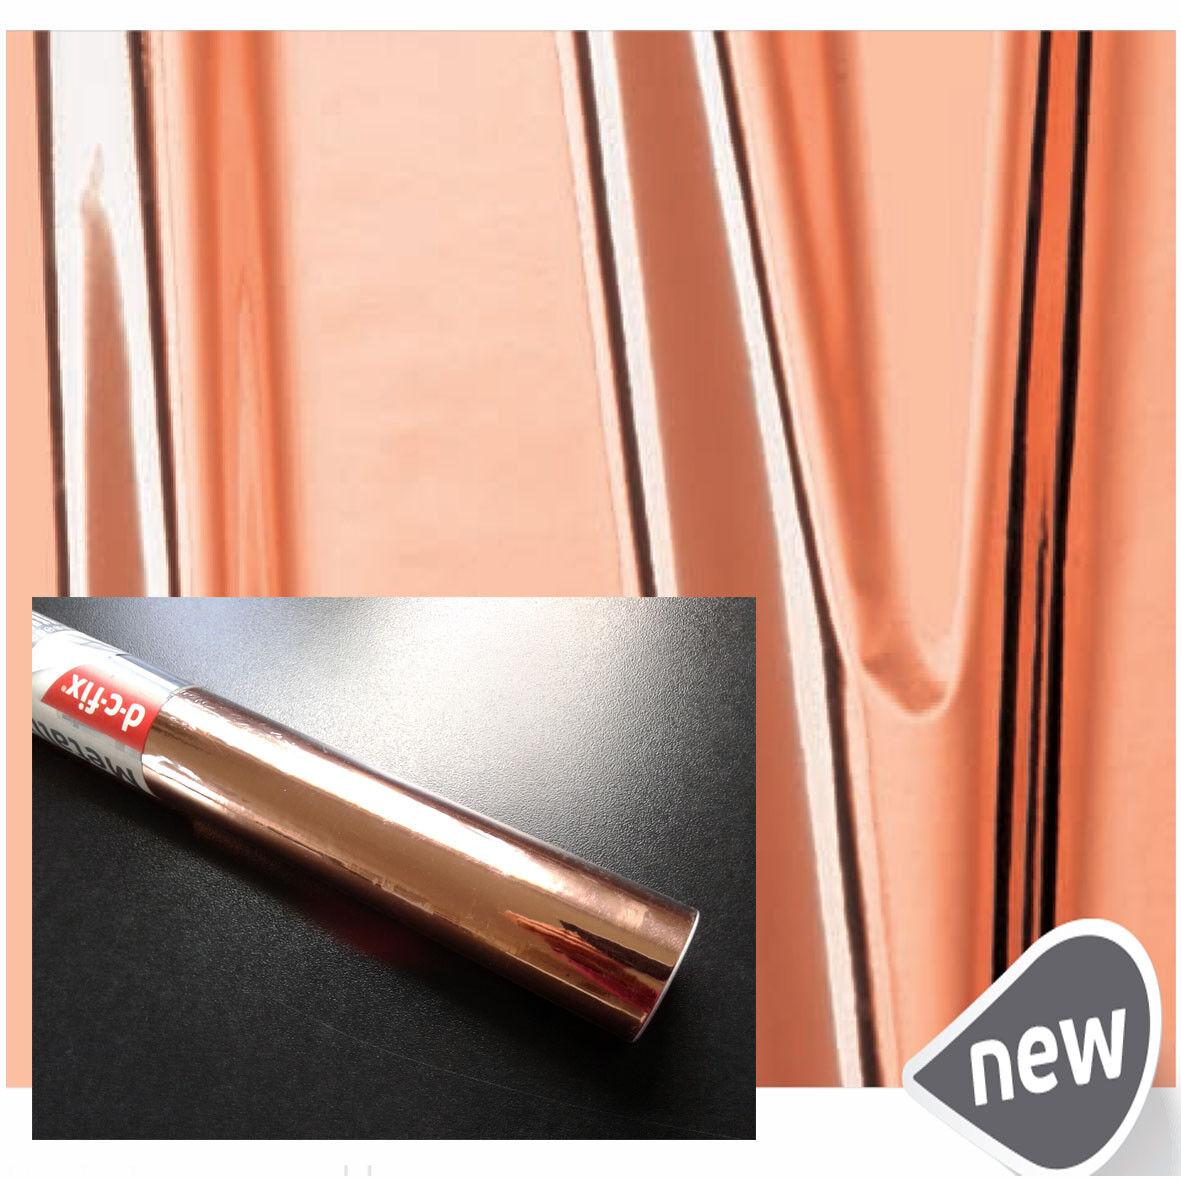 copper rose gold self adhesive vinyl film sticky back. Black Bedroom Furniture Sets. Home Design Ideas